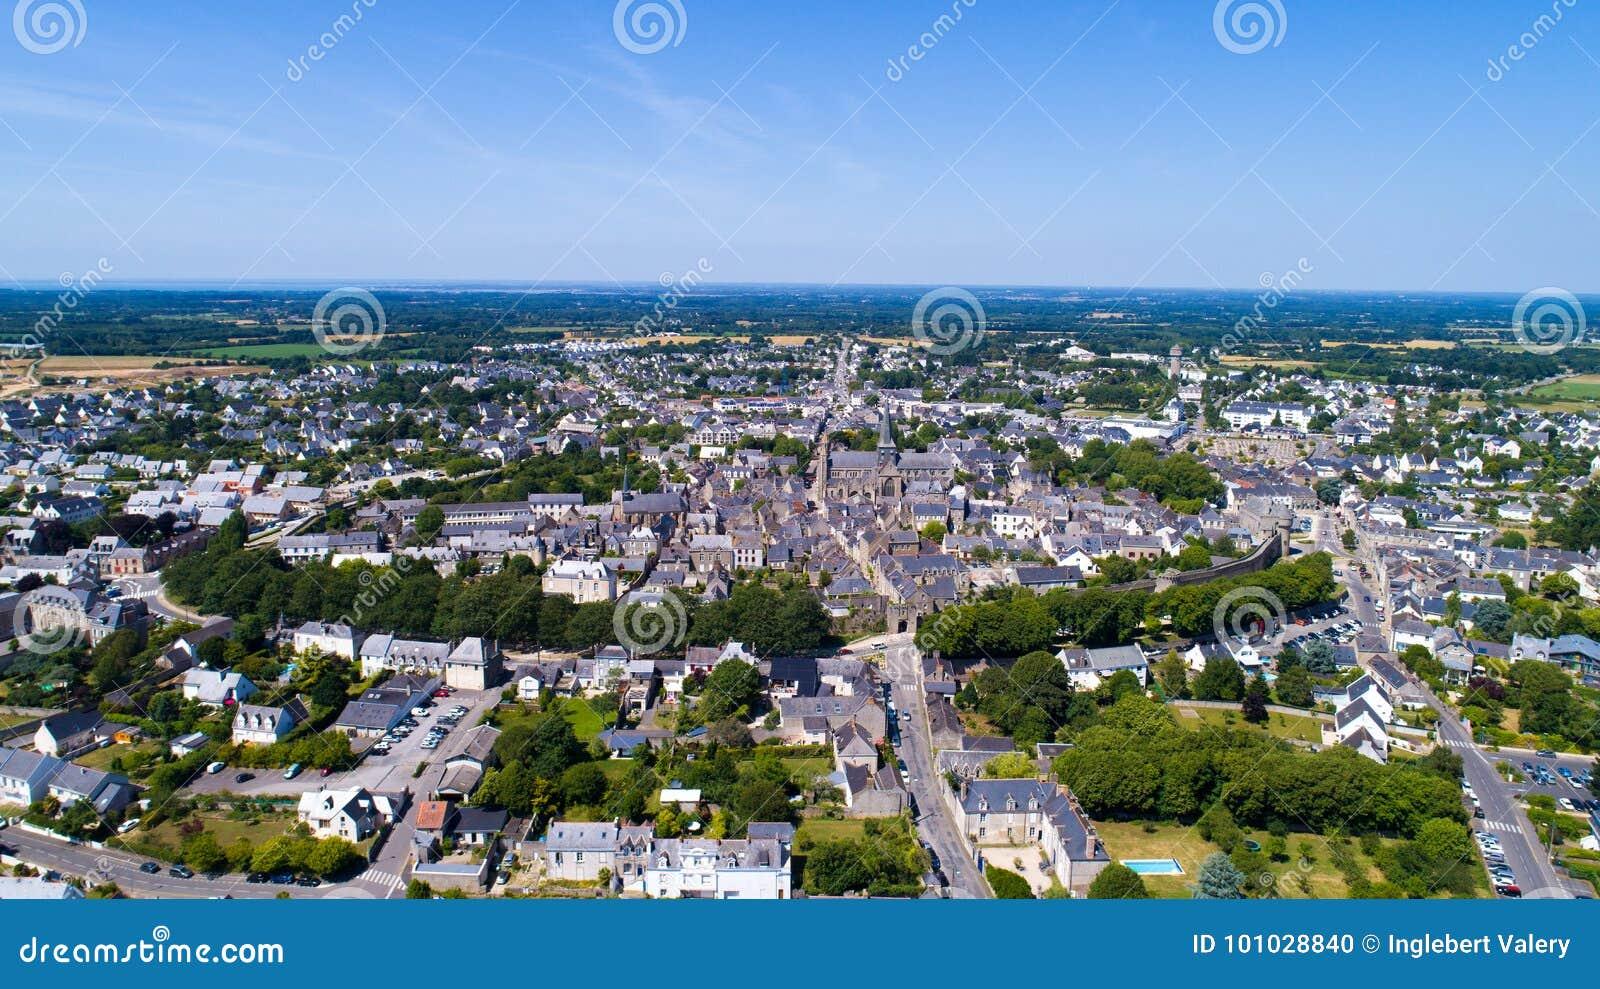 Luchtfoto van de middeleeuwse stad van Guerande in de Loire Atlantique